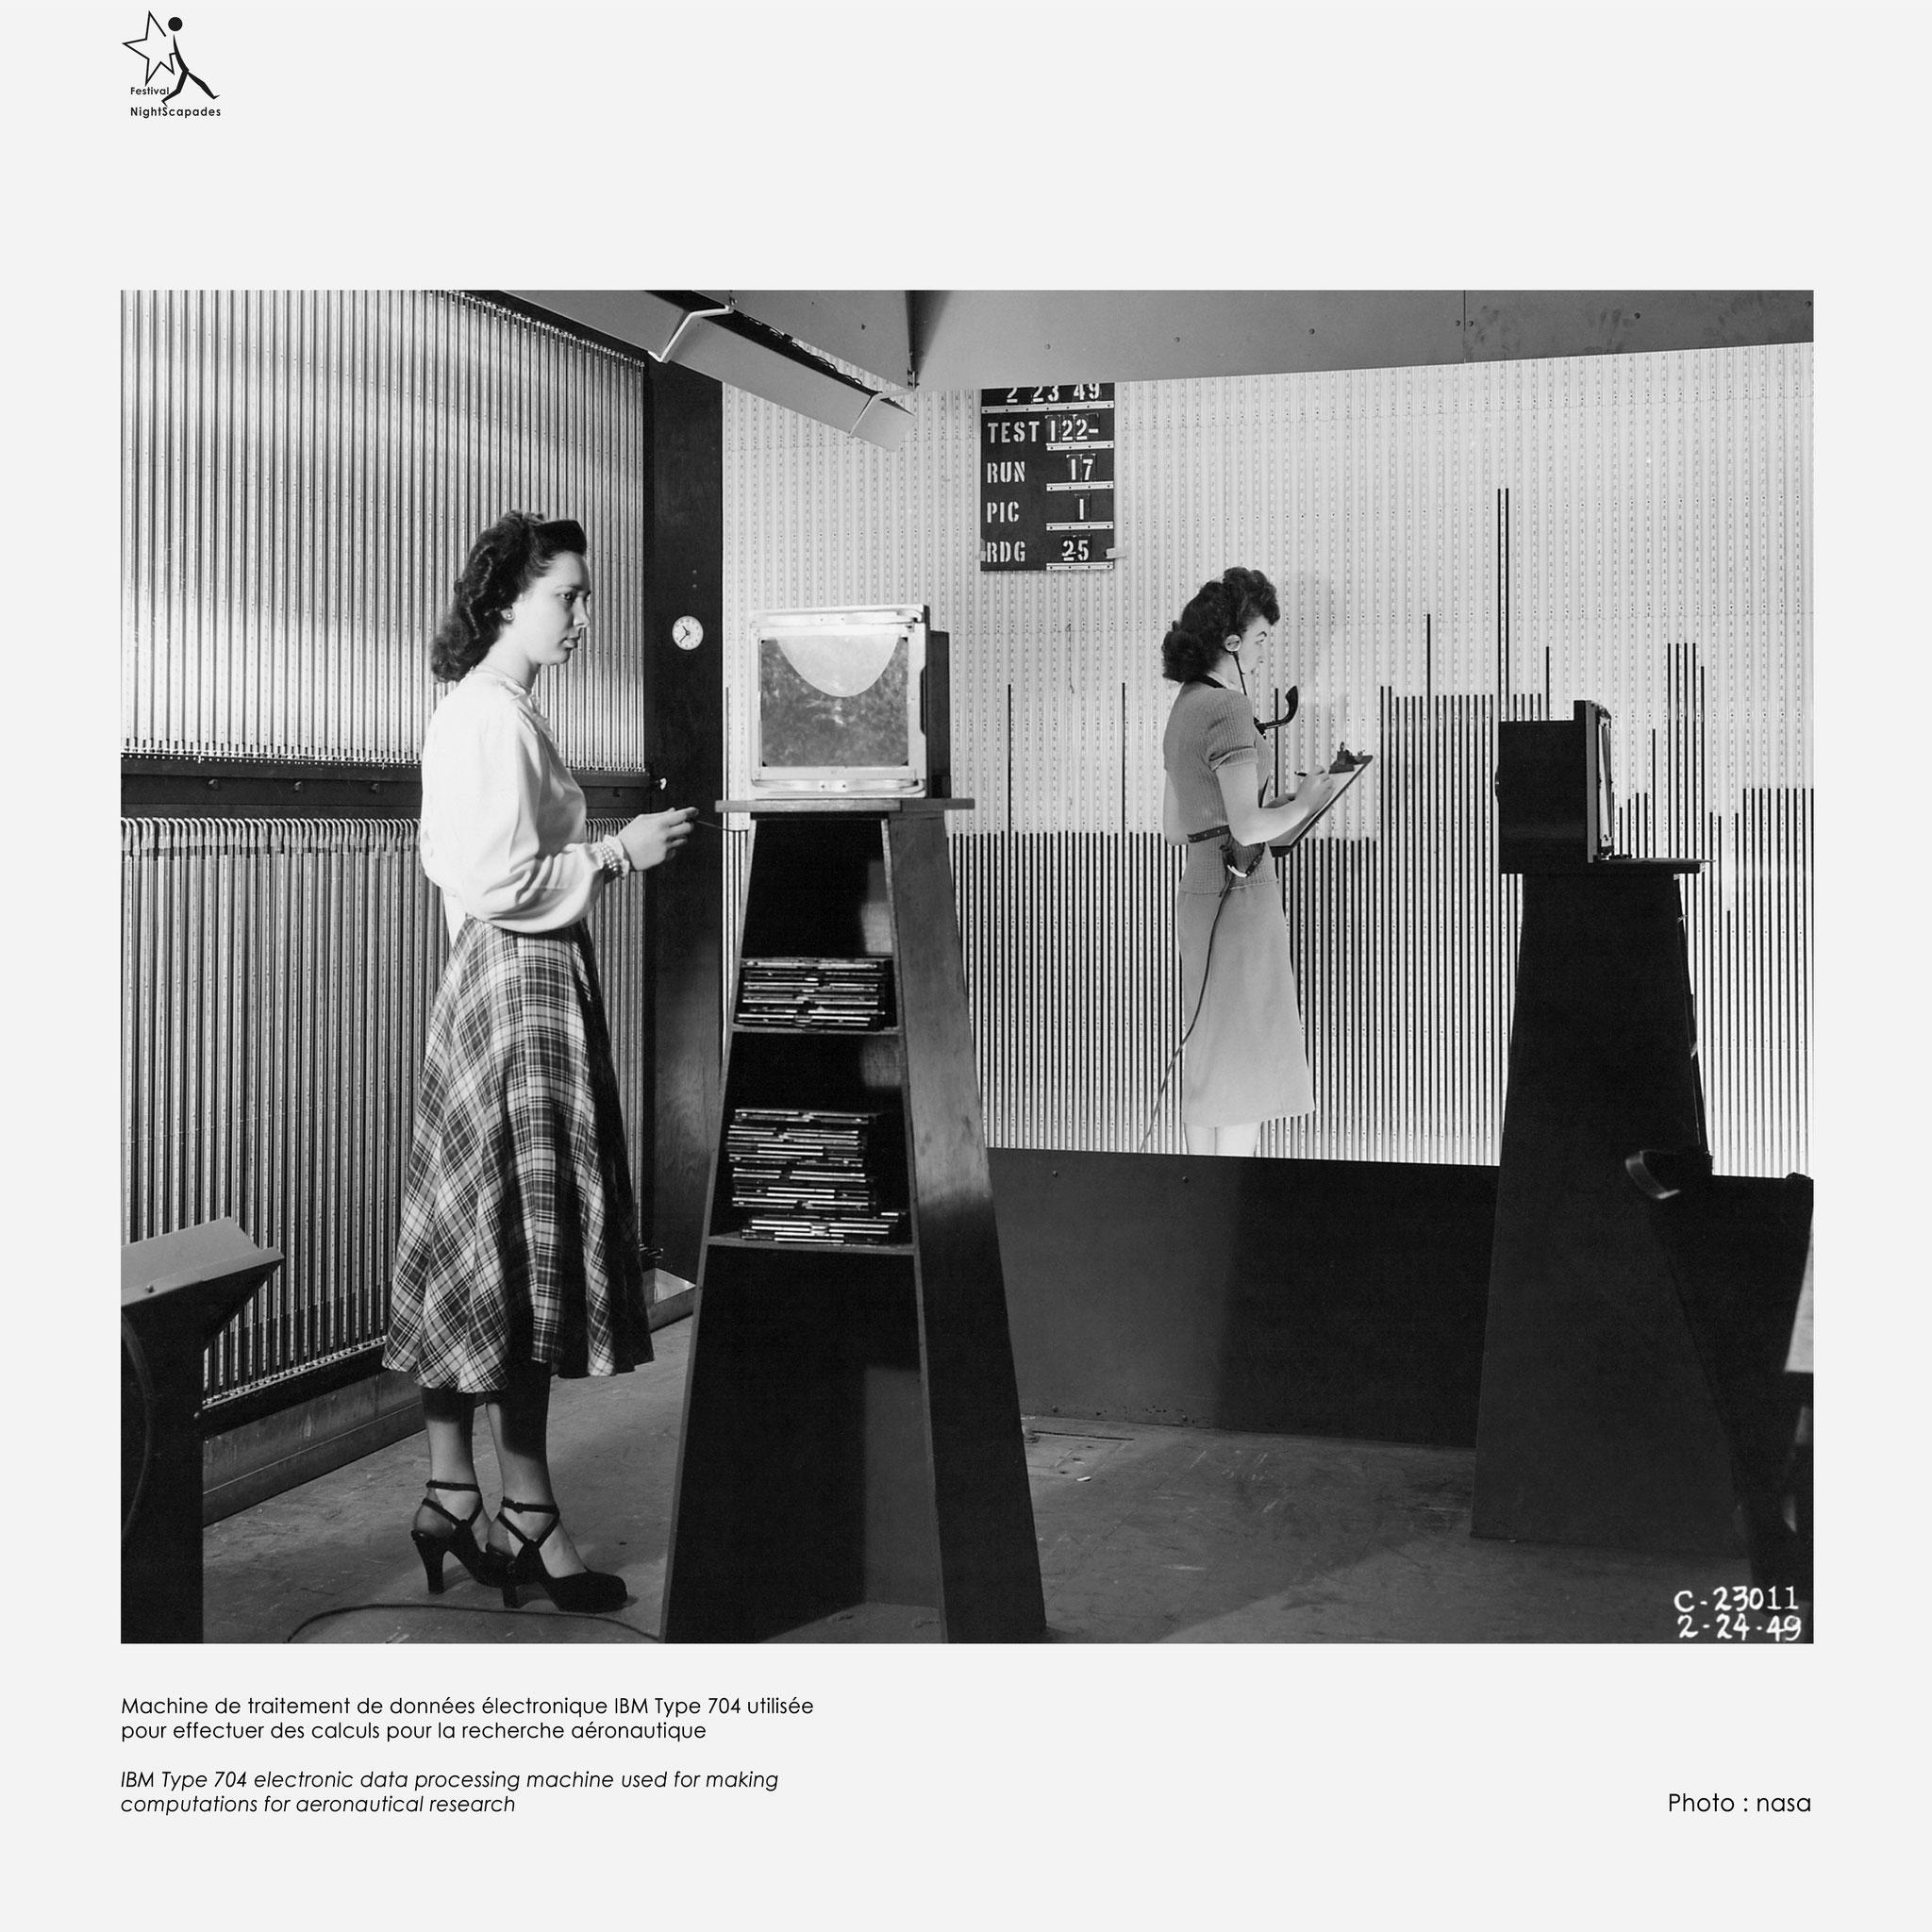 Machine de traitement de données électronique IBM type 704